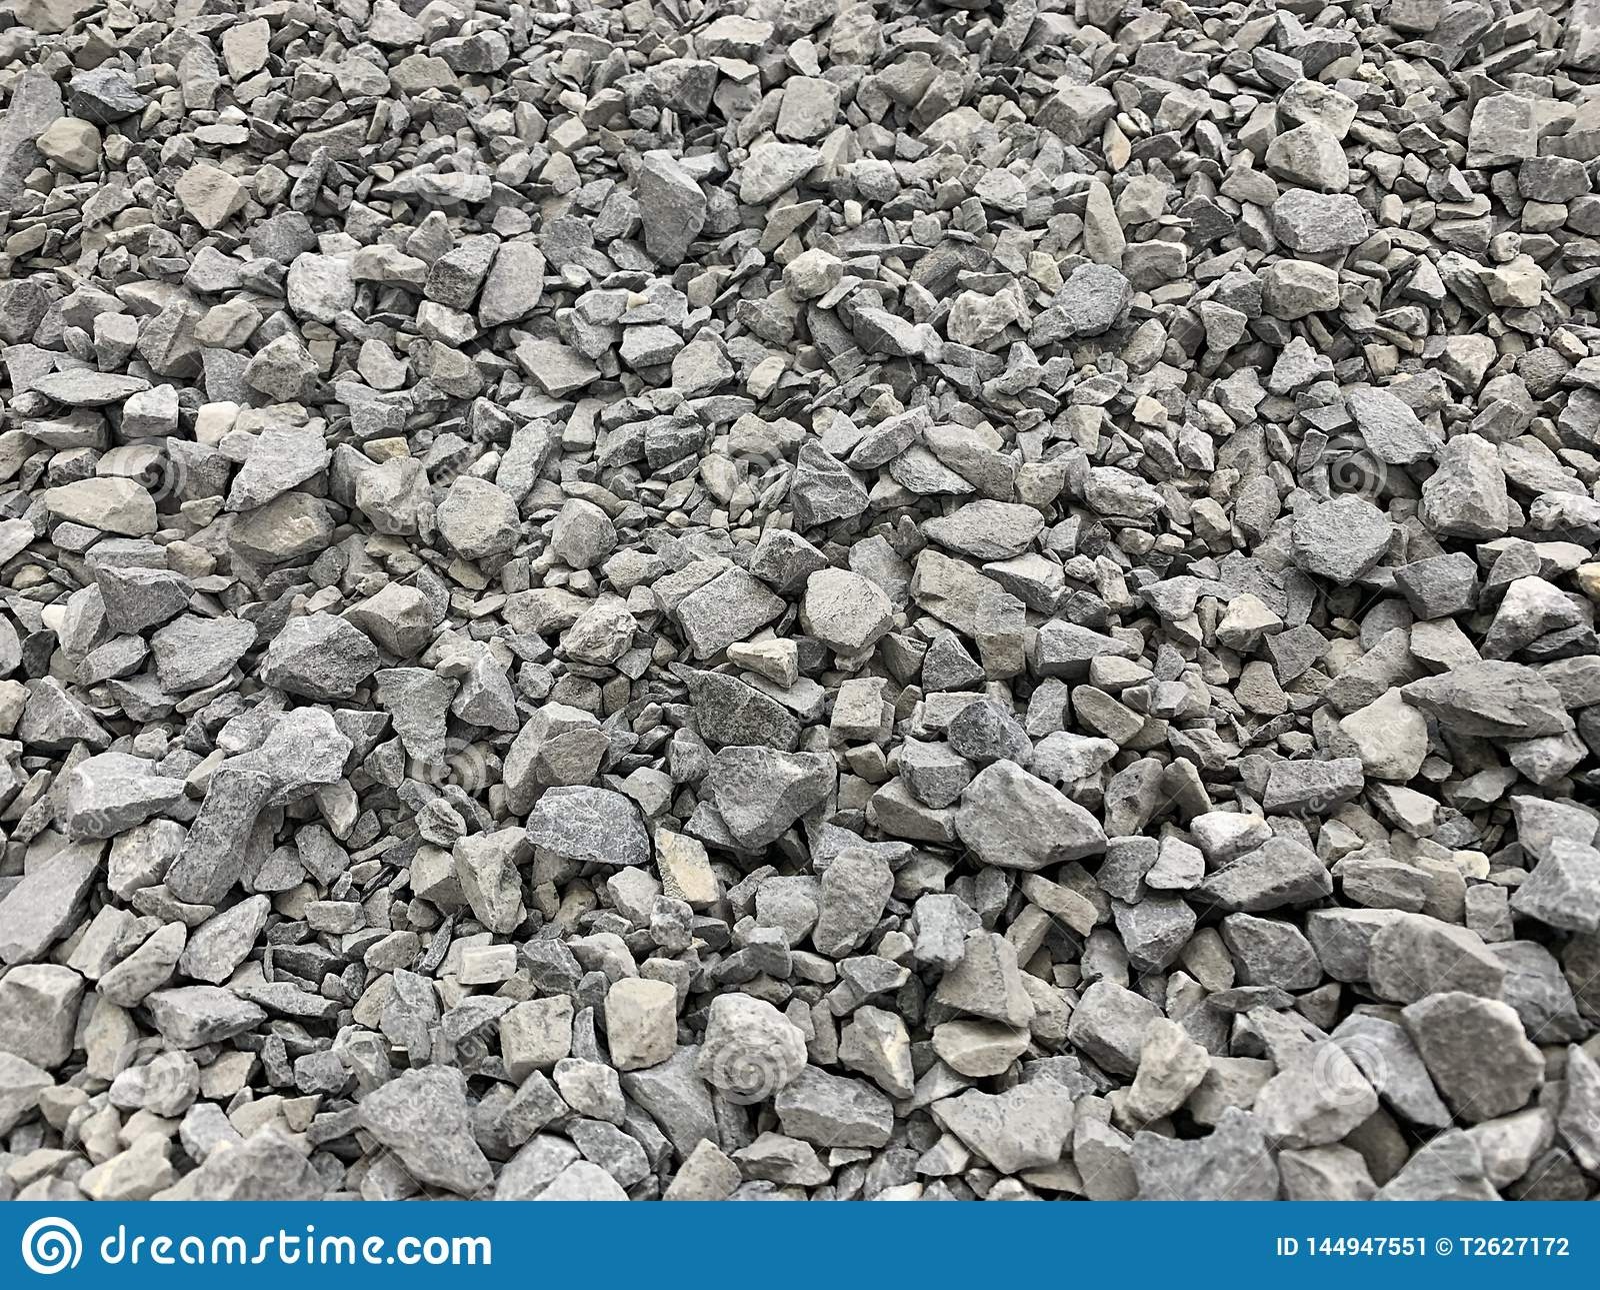 Szara mała granitowa kruszka, materiał budowlany, prosty tło